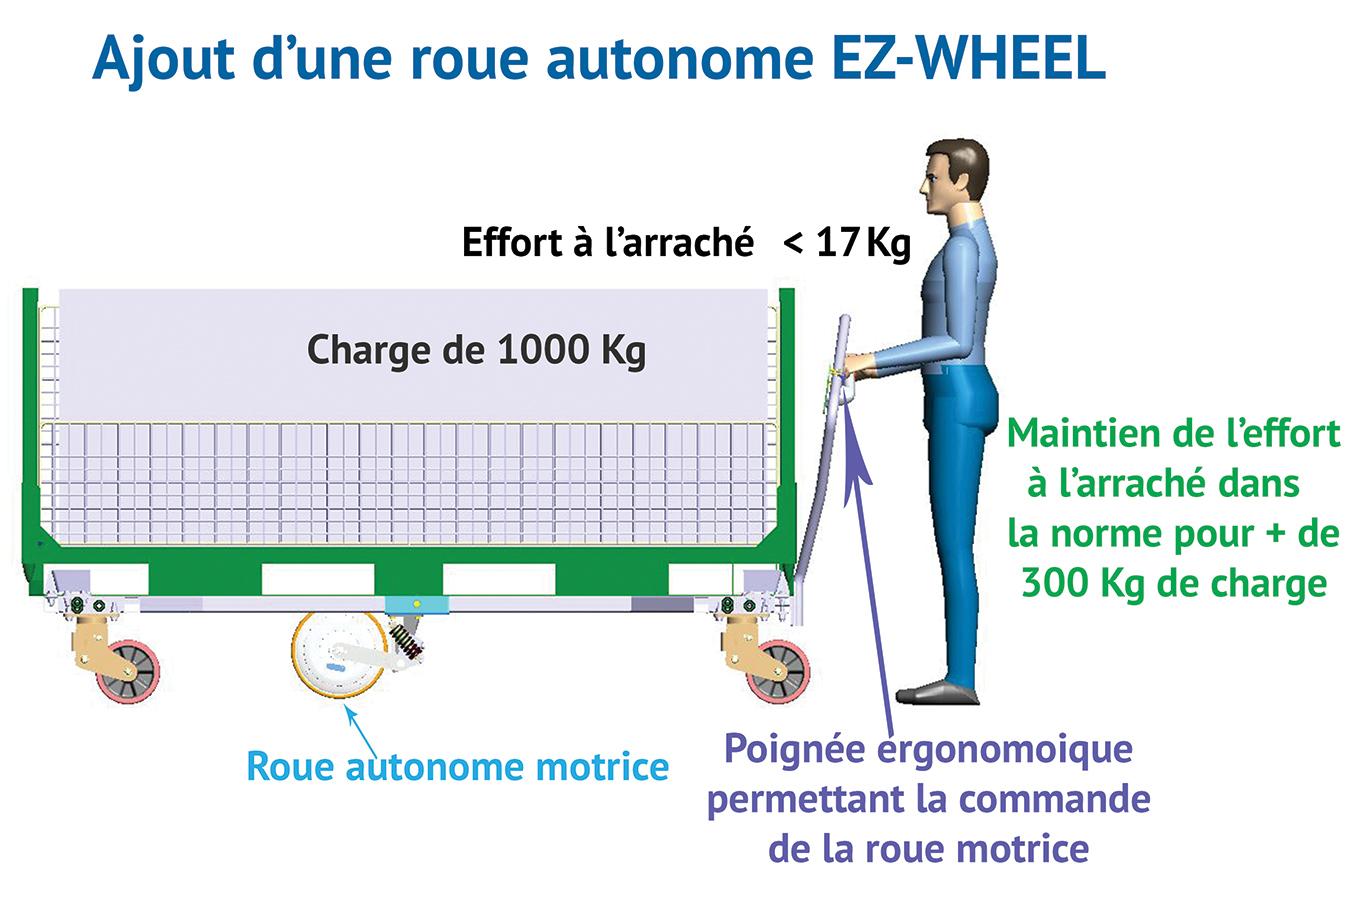 base roulante; logistique; roue autonome